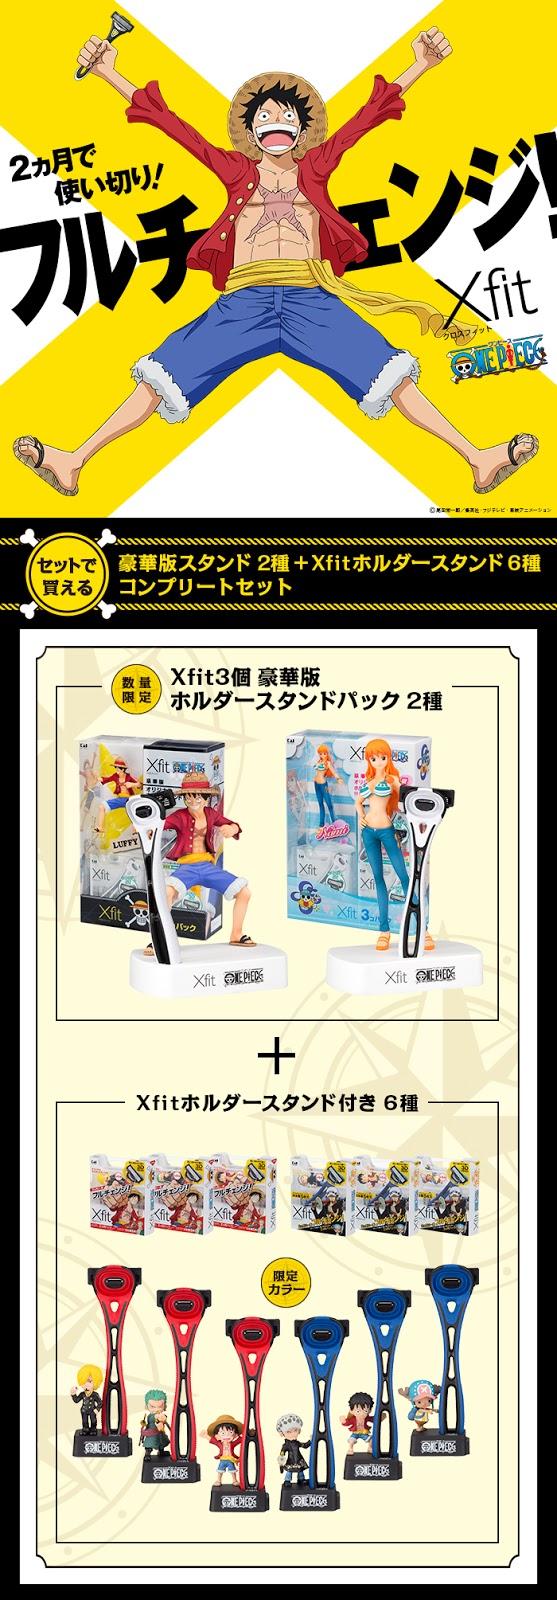 Japoński marketing: Brzytwa Xfit oraz One Piece